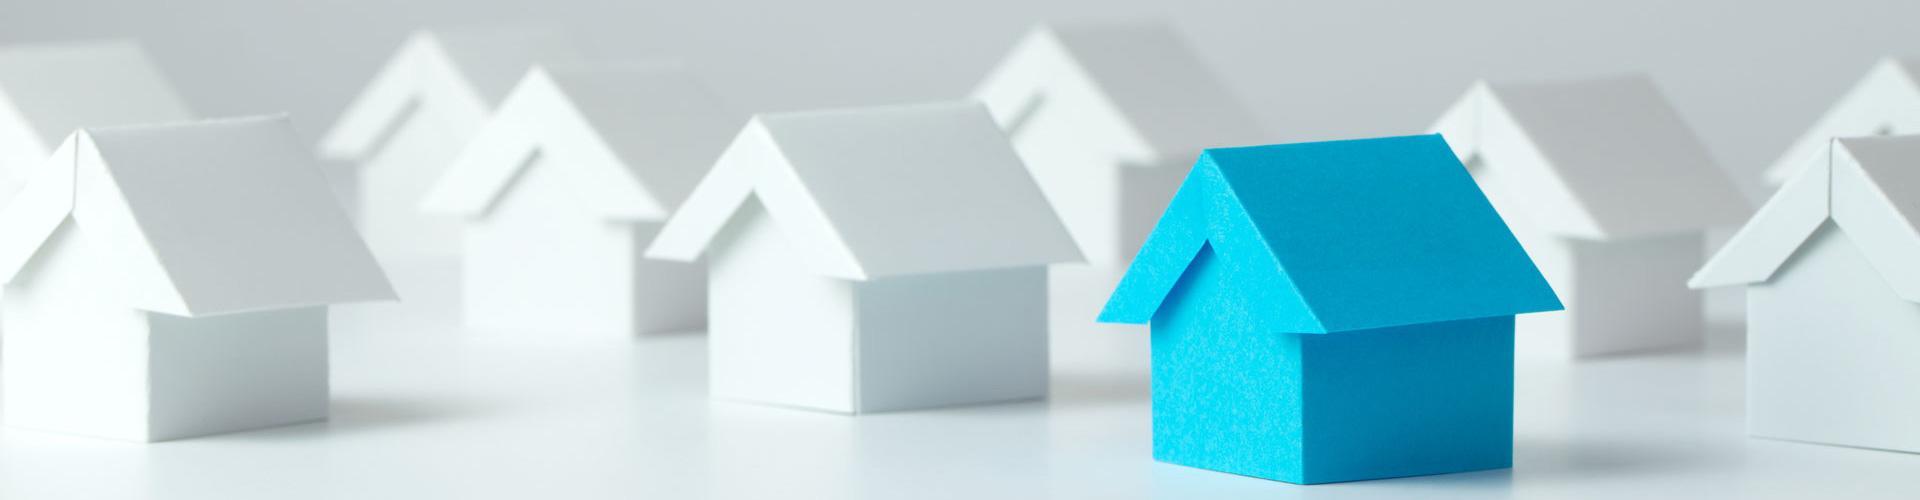 Vente immobiliere à BALAZE , TAILLIS, MONTAUTOUR, SAINT M'HERVE, PRINCE, CHATILLON EN VENDELAIS ou LA CHAPELLE ERBREE (35)